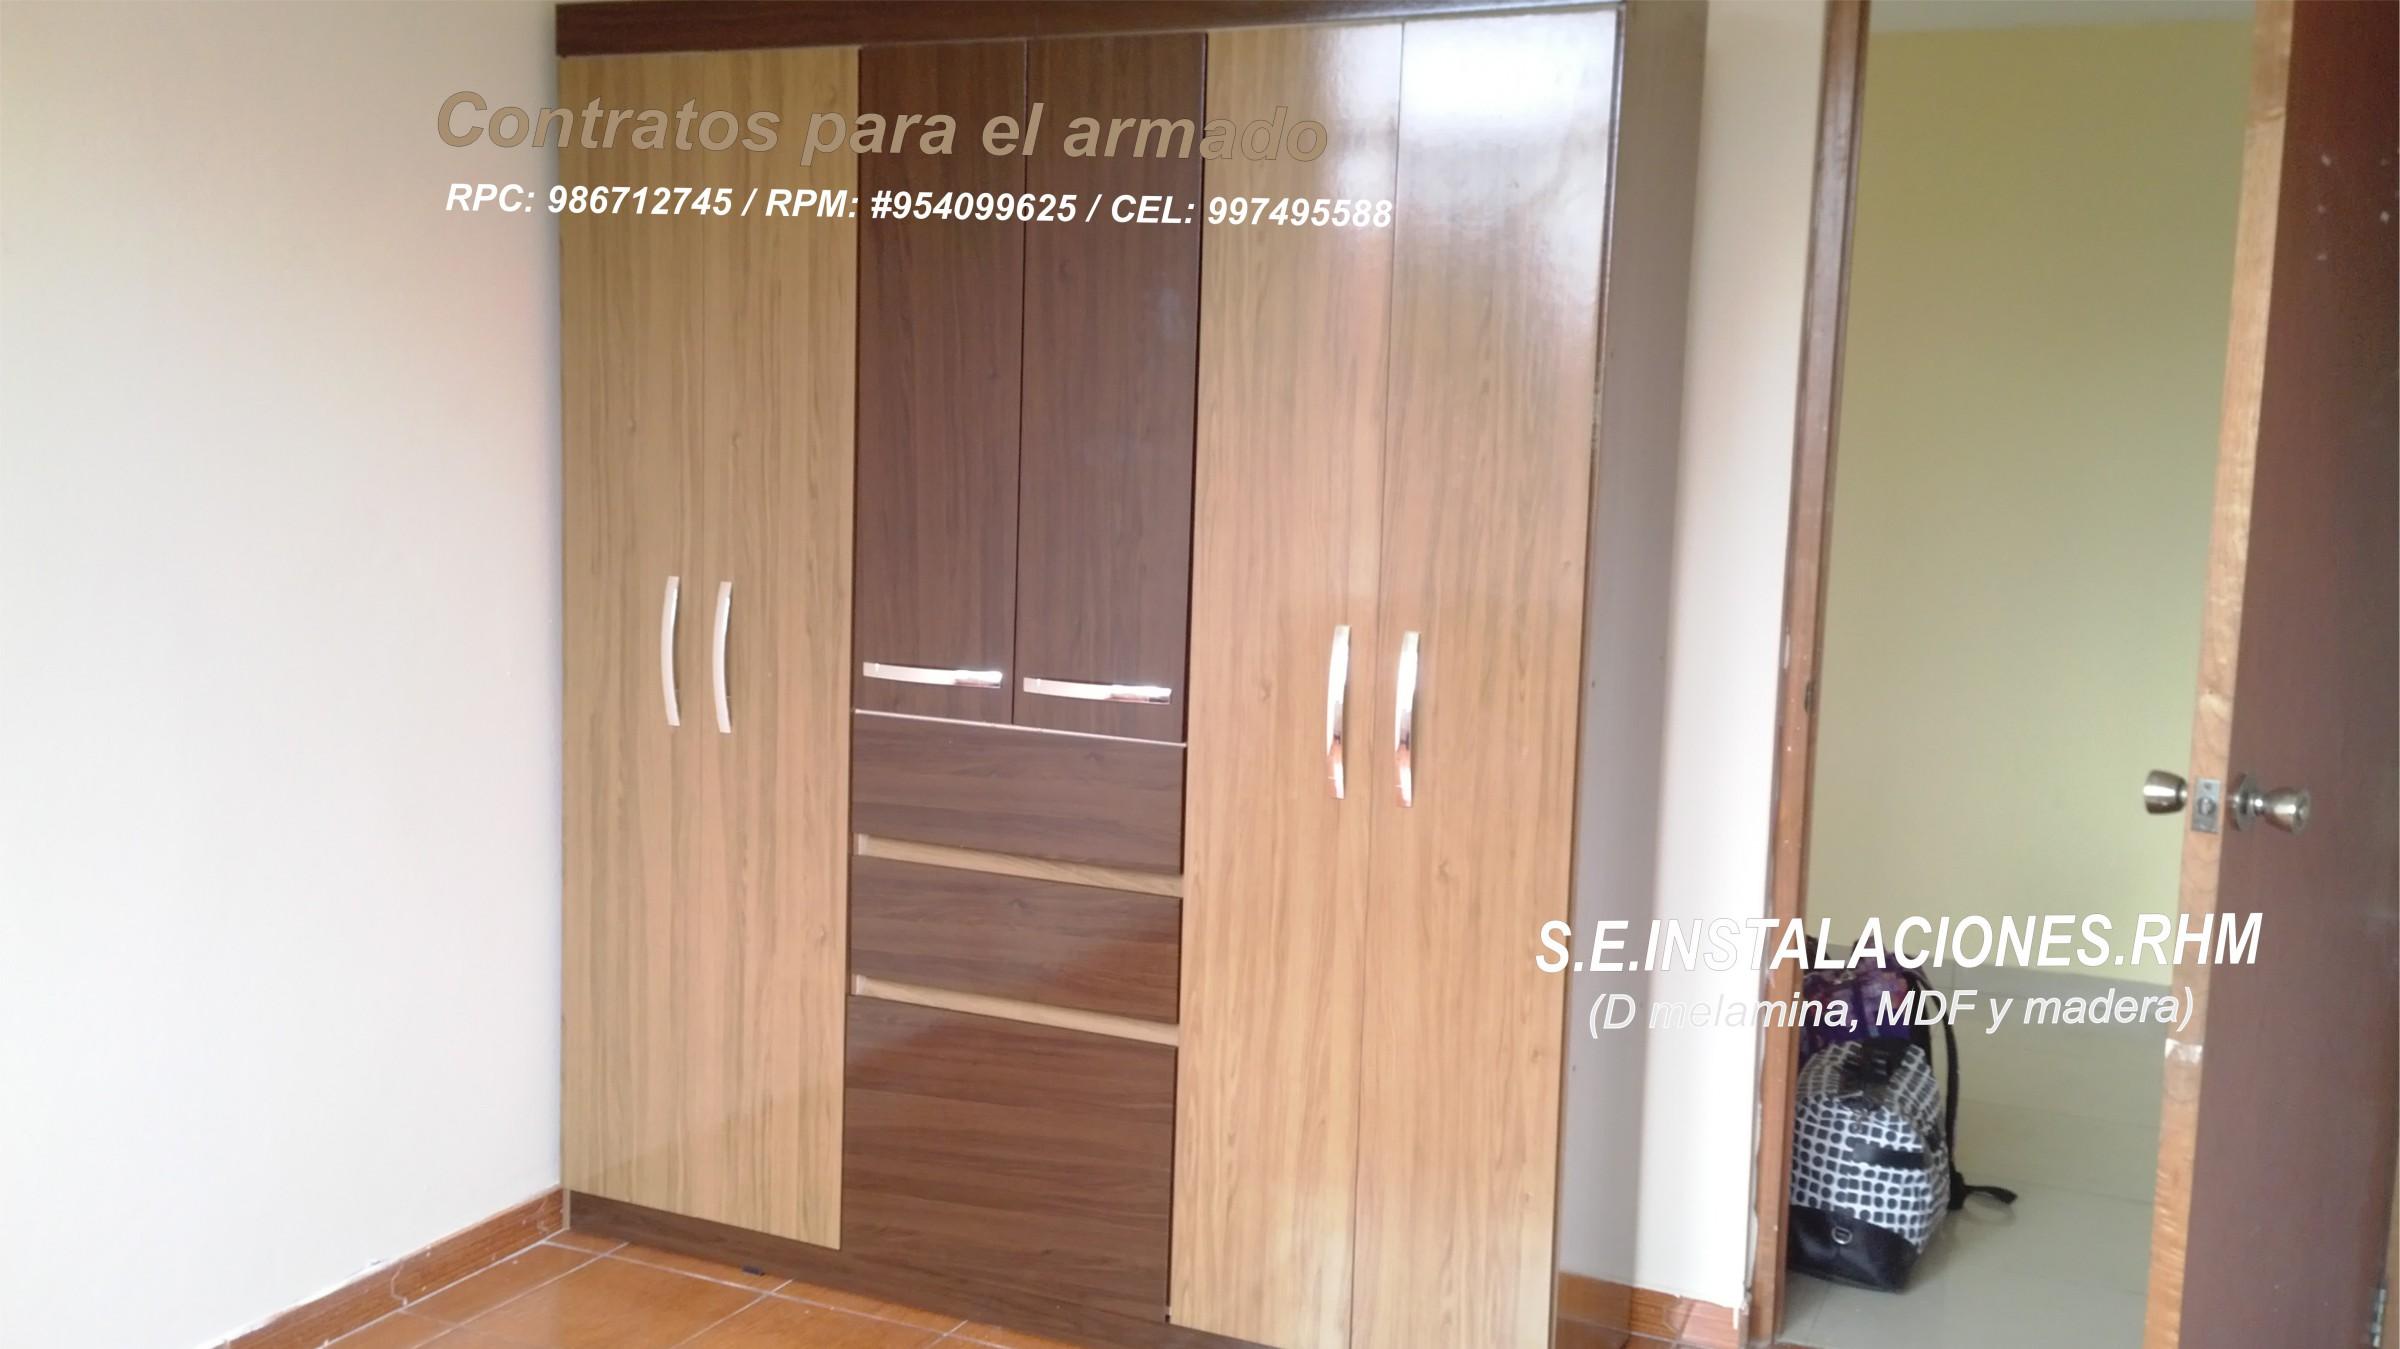 Armado de muebles de melamina de saga tottus sodimac for Todo en muebles